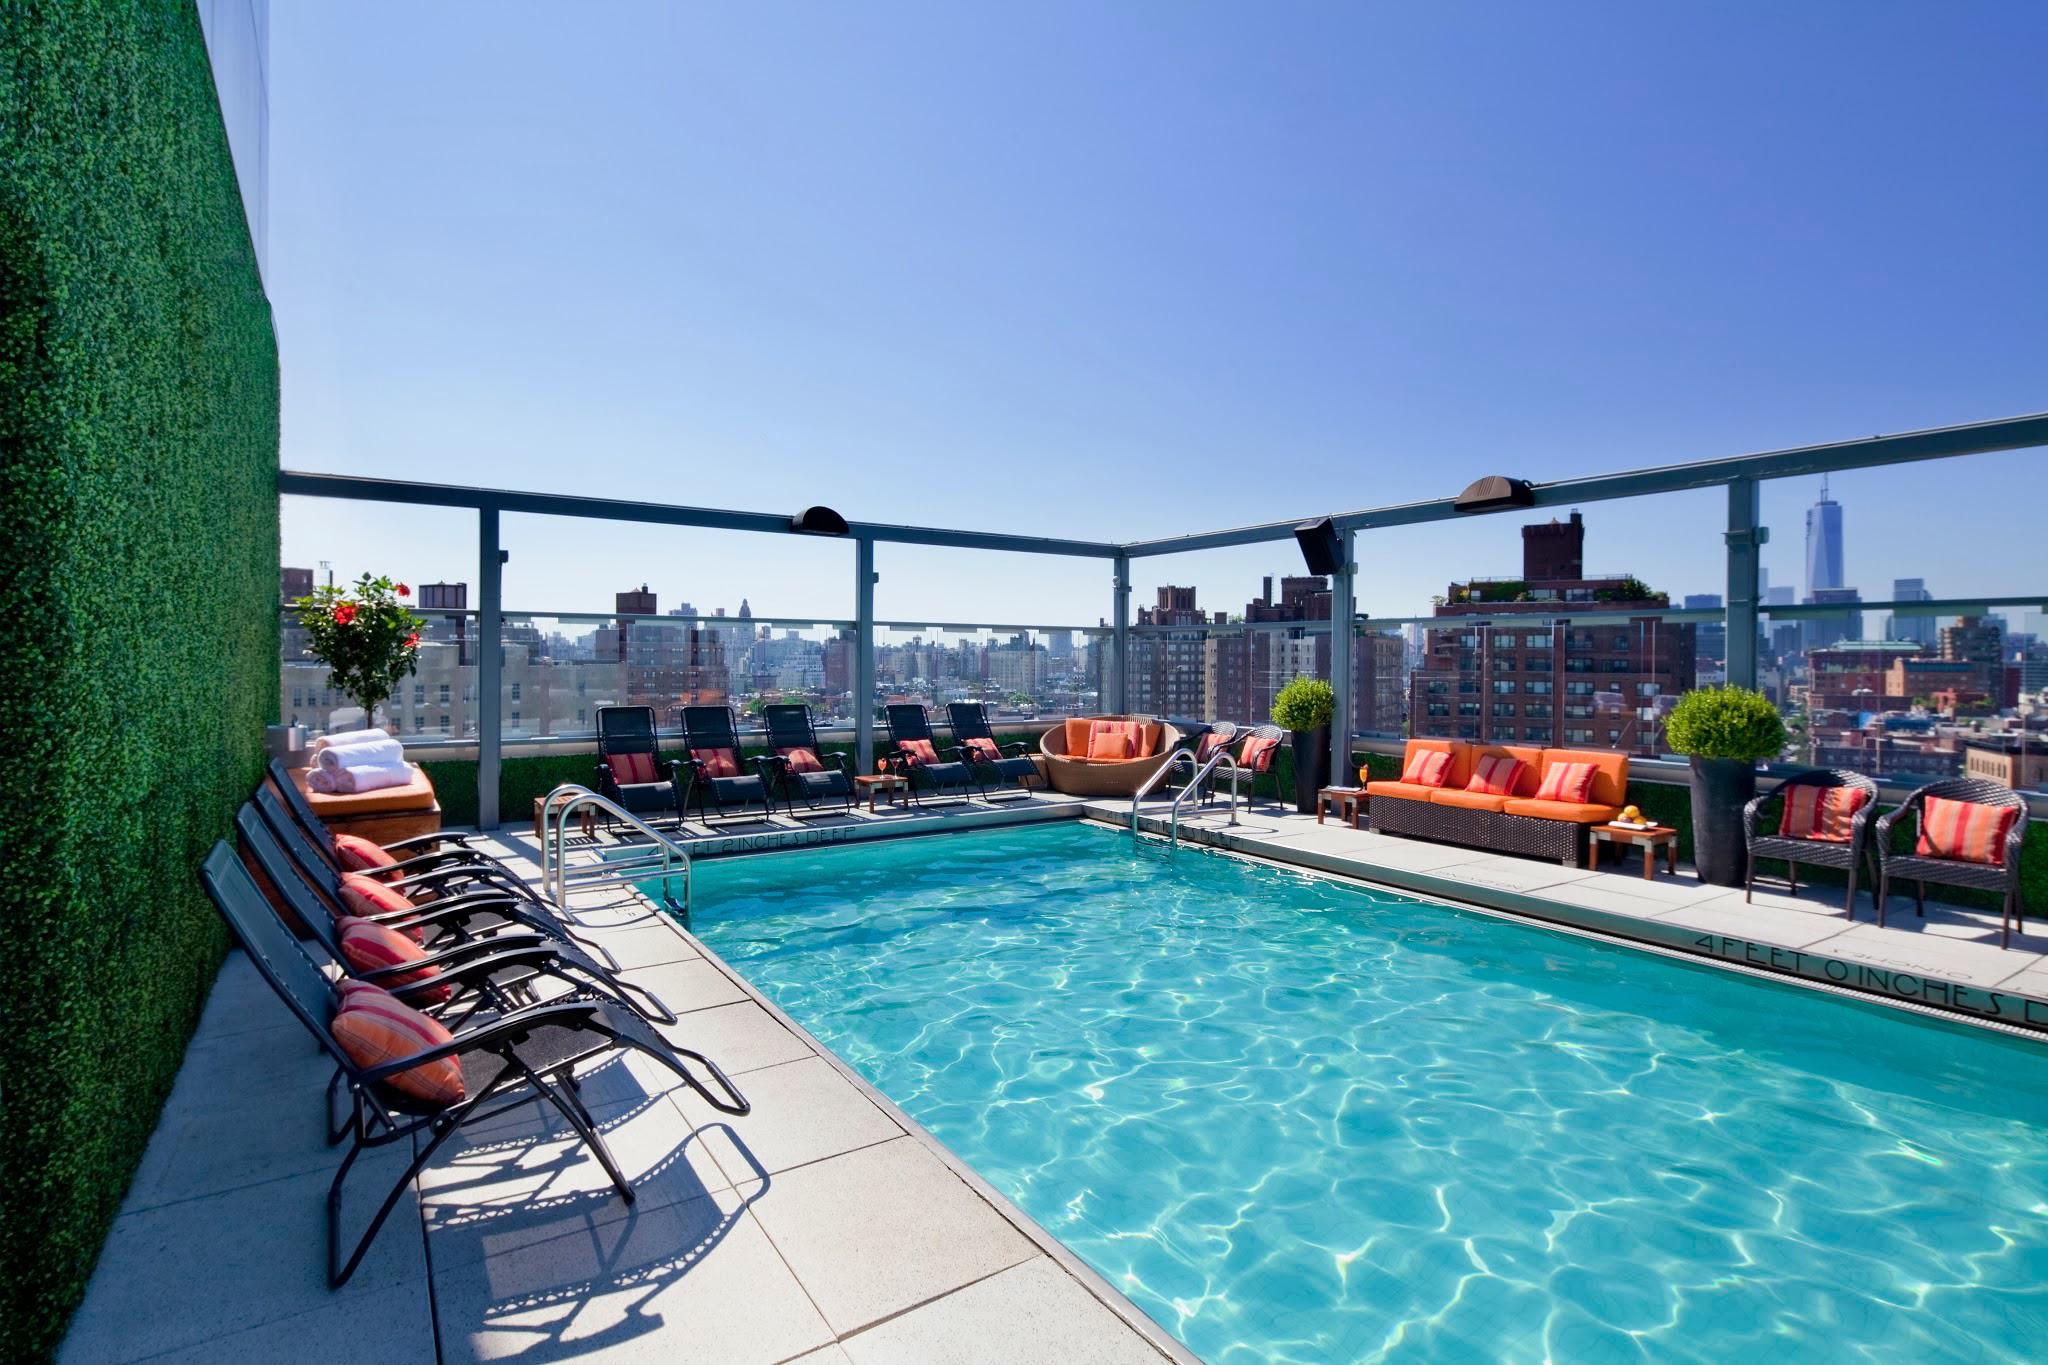 Gansevoort Meatpacking - Rooftop Pool Daytime